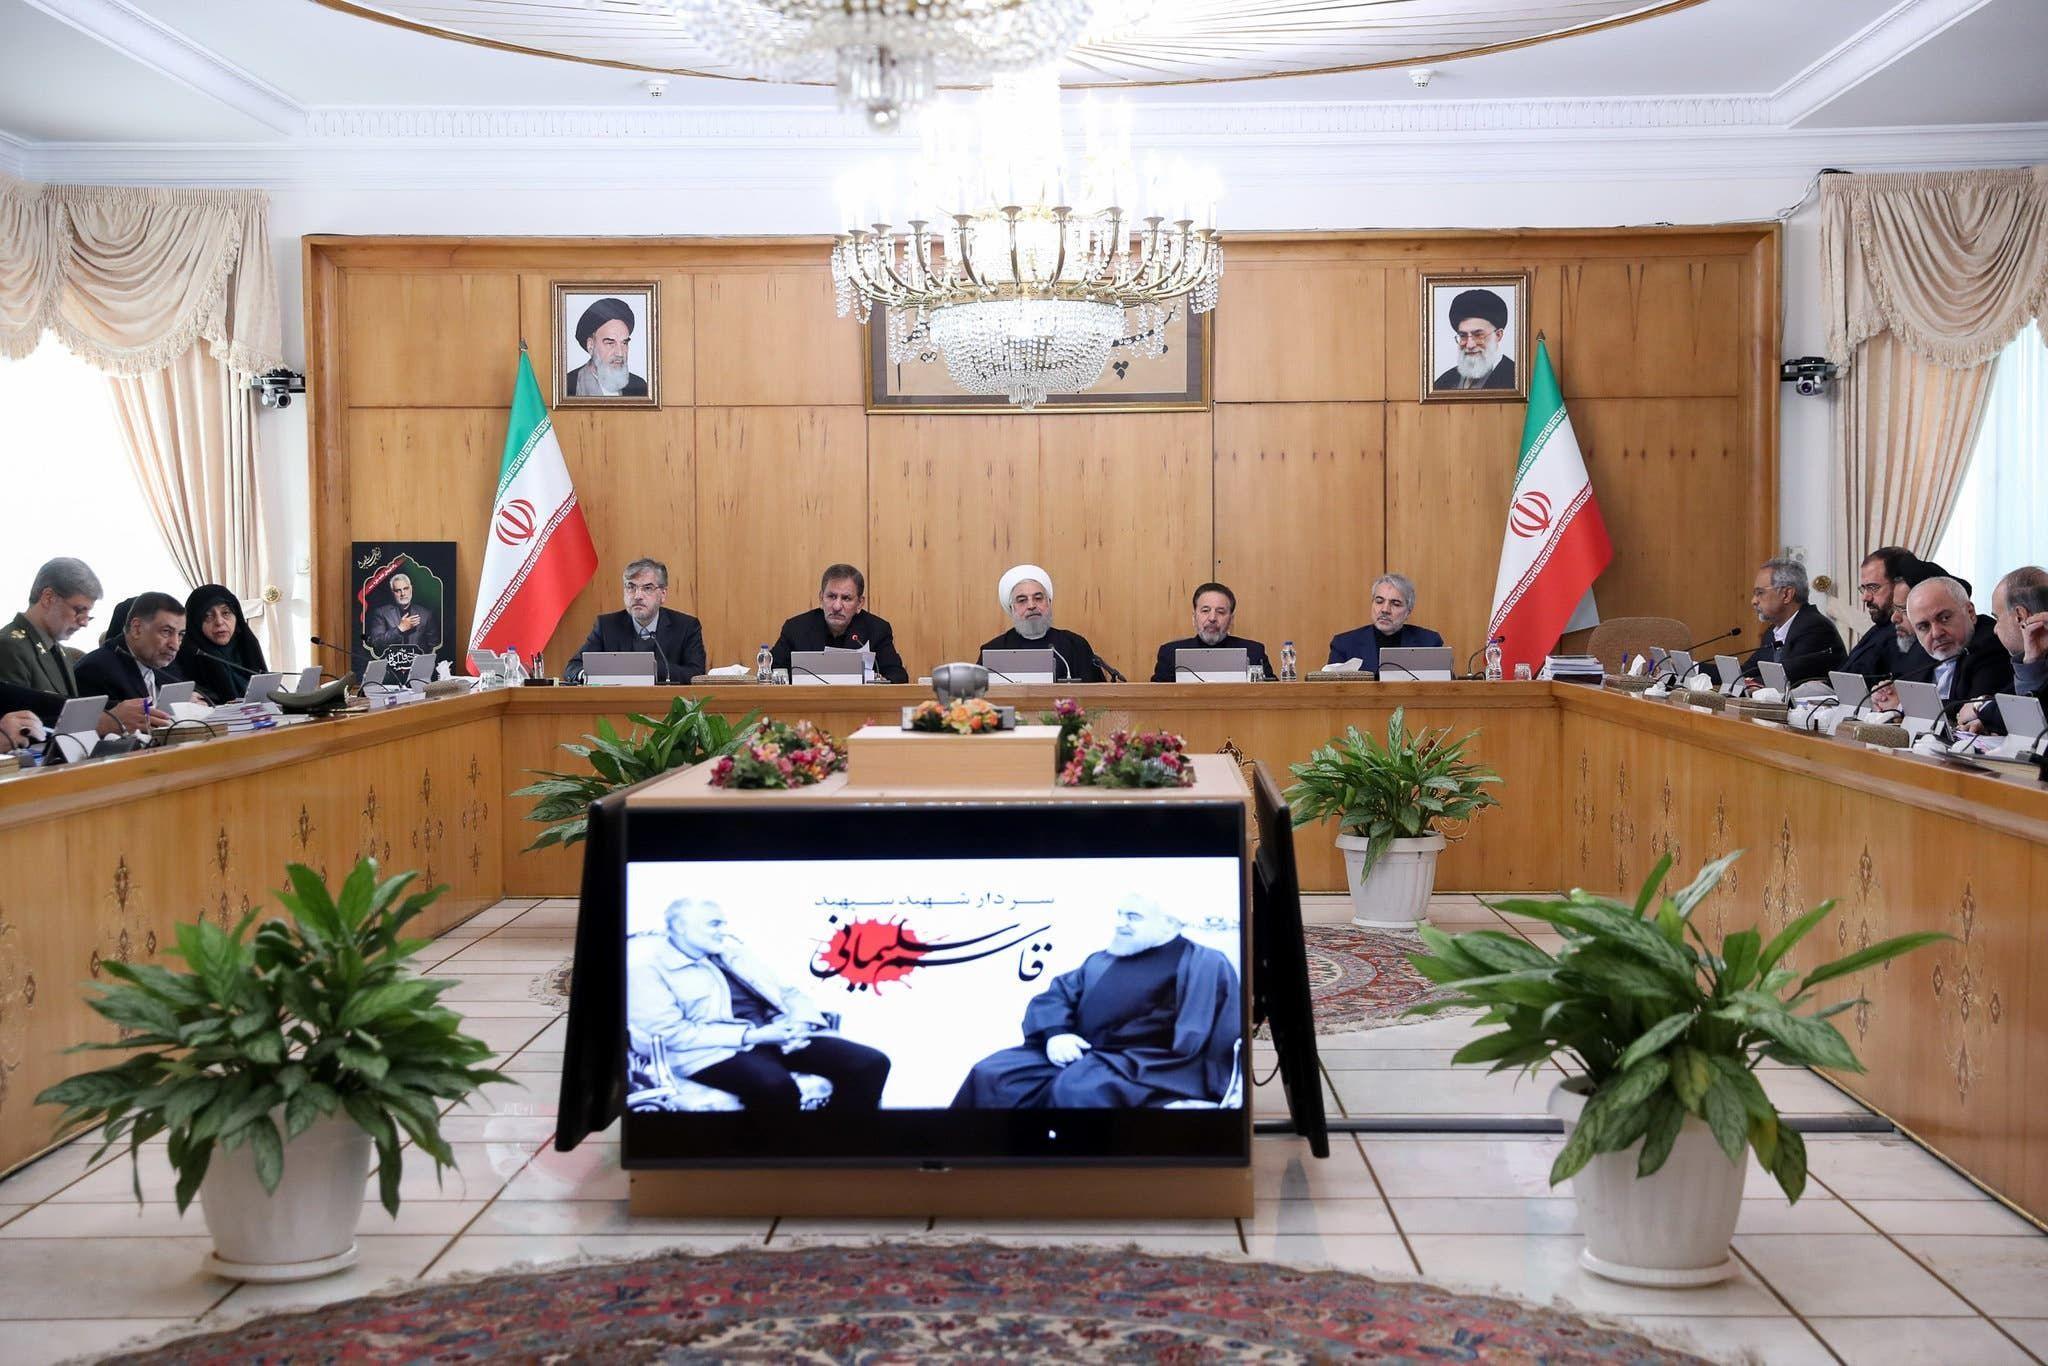 اجتماع برئاسة الرئيس روحاني قبيل علمه بعملية إسقاط الطائرة من قبل الحرس الثوري